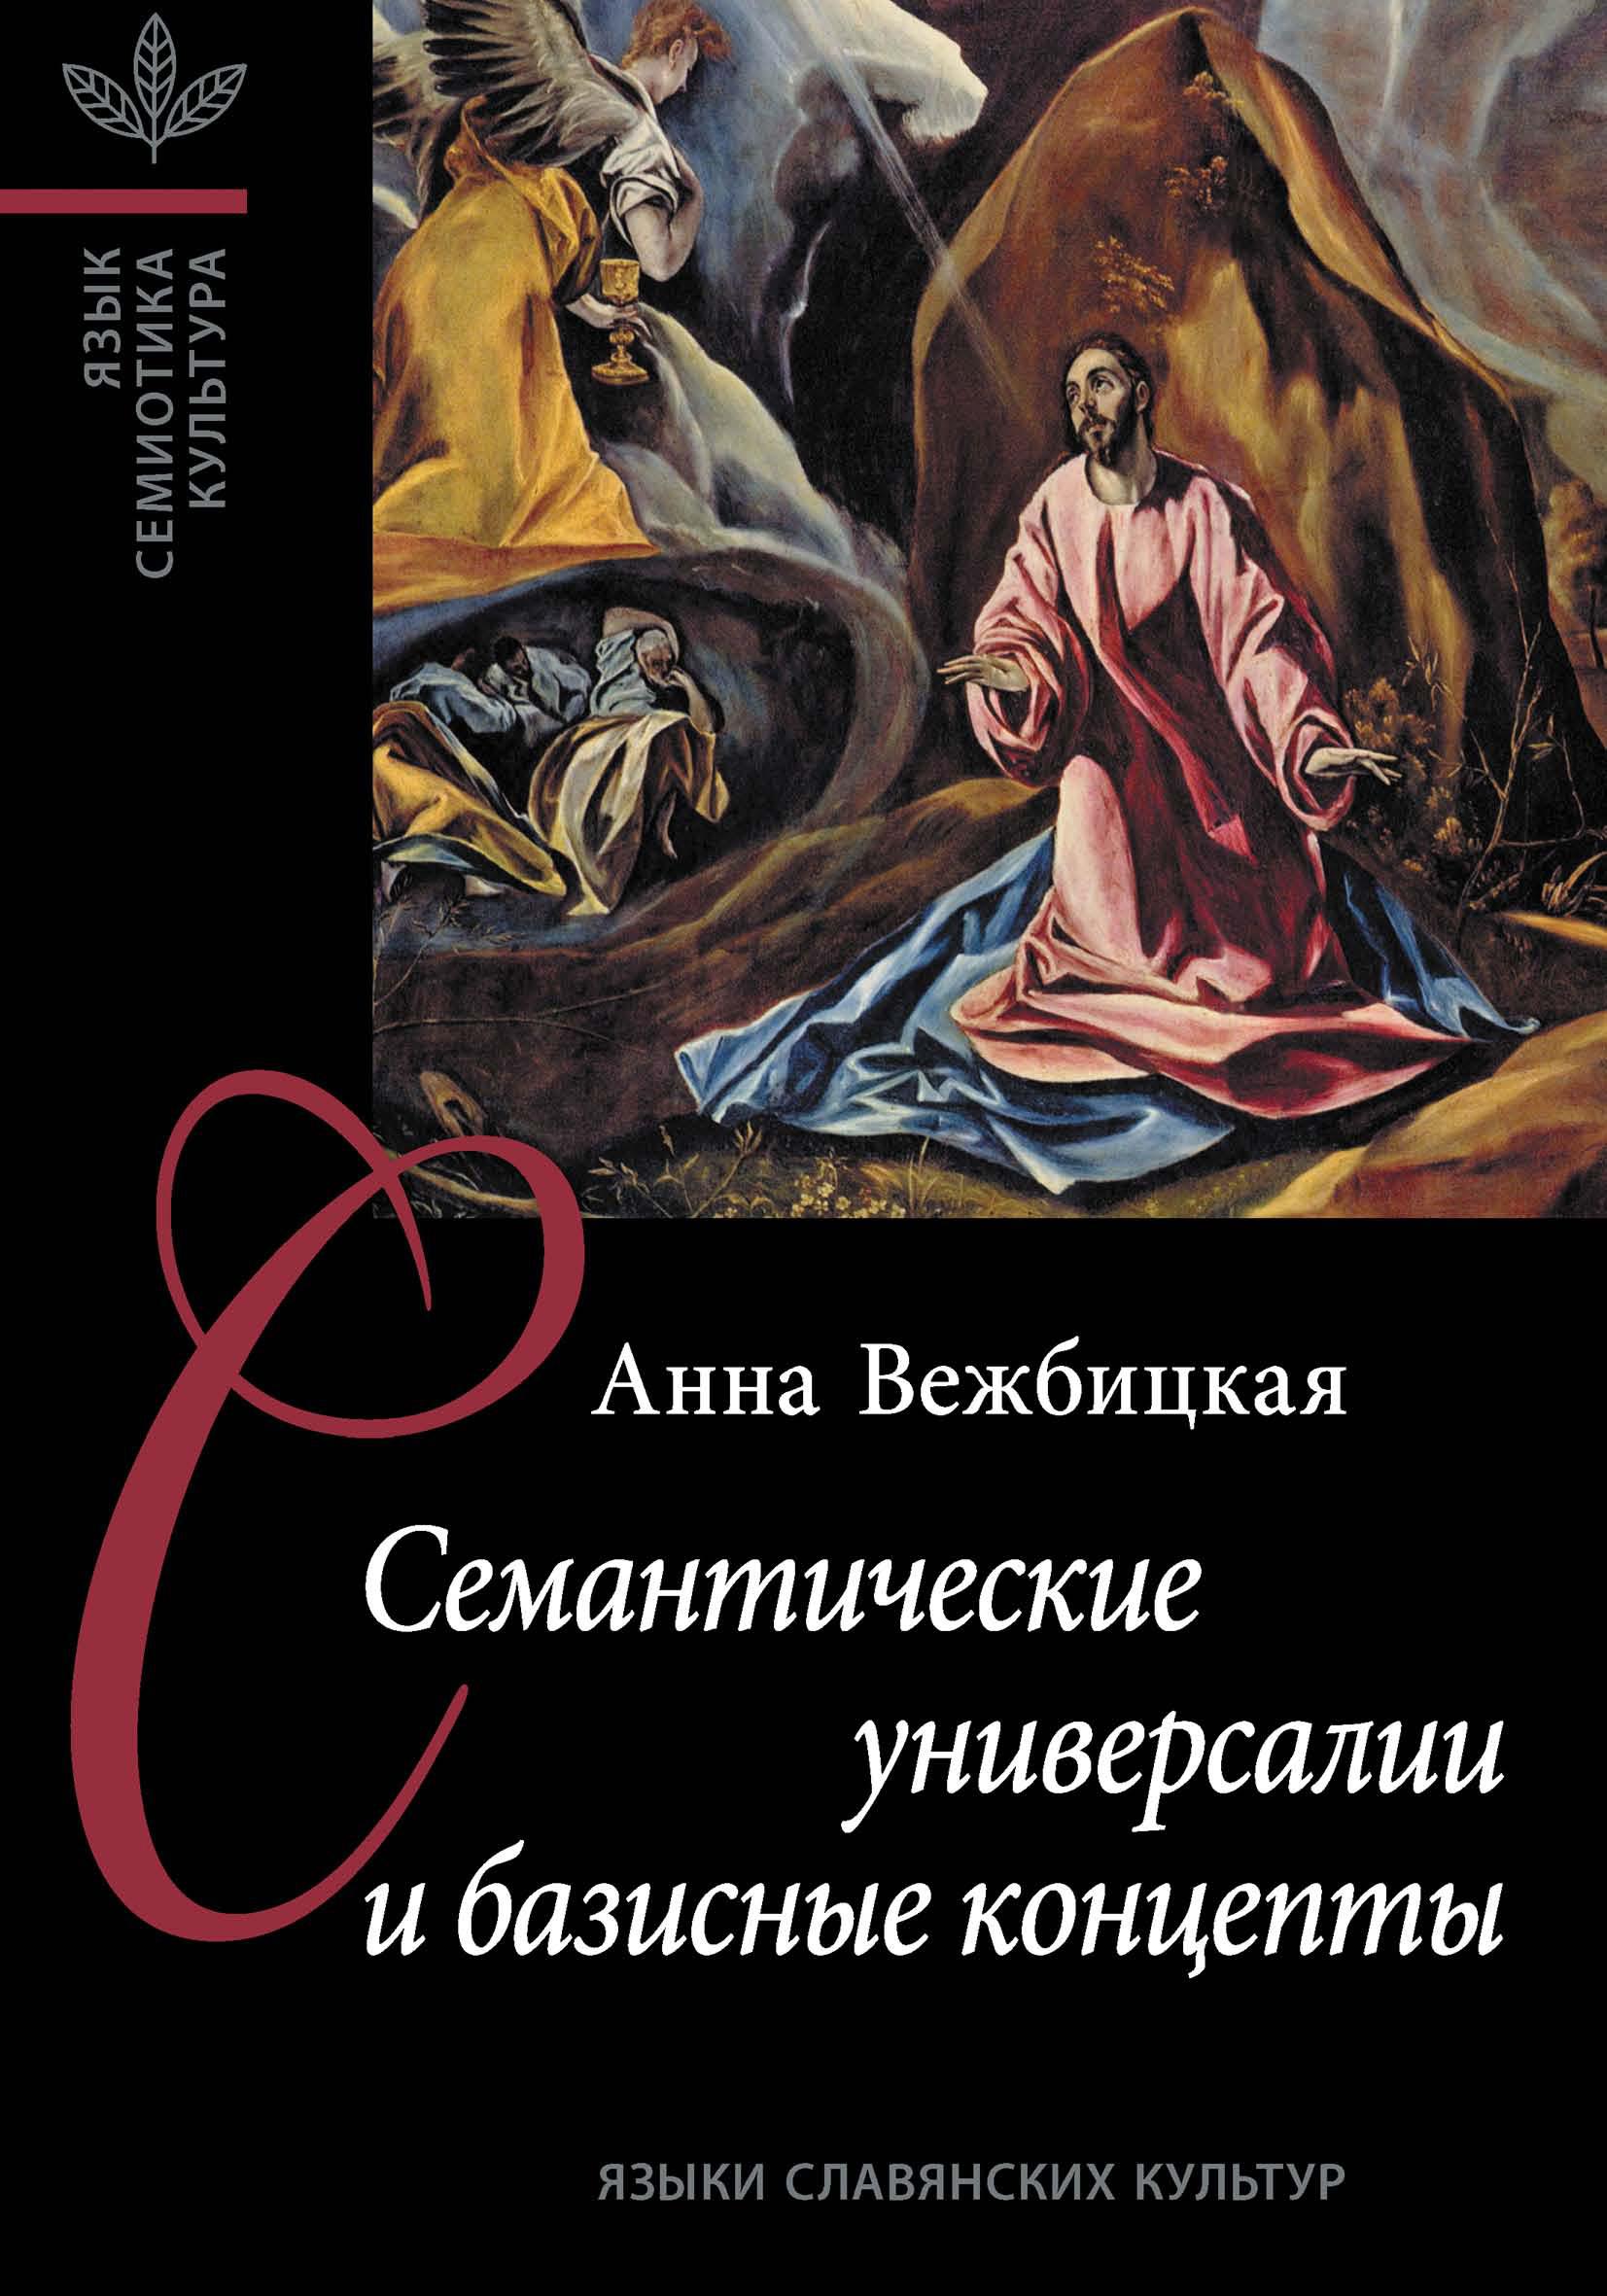 Анна Вежбицкая Семантические универсалии и базисные концепты